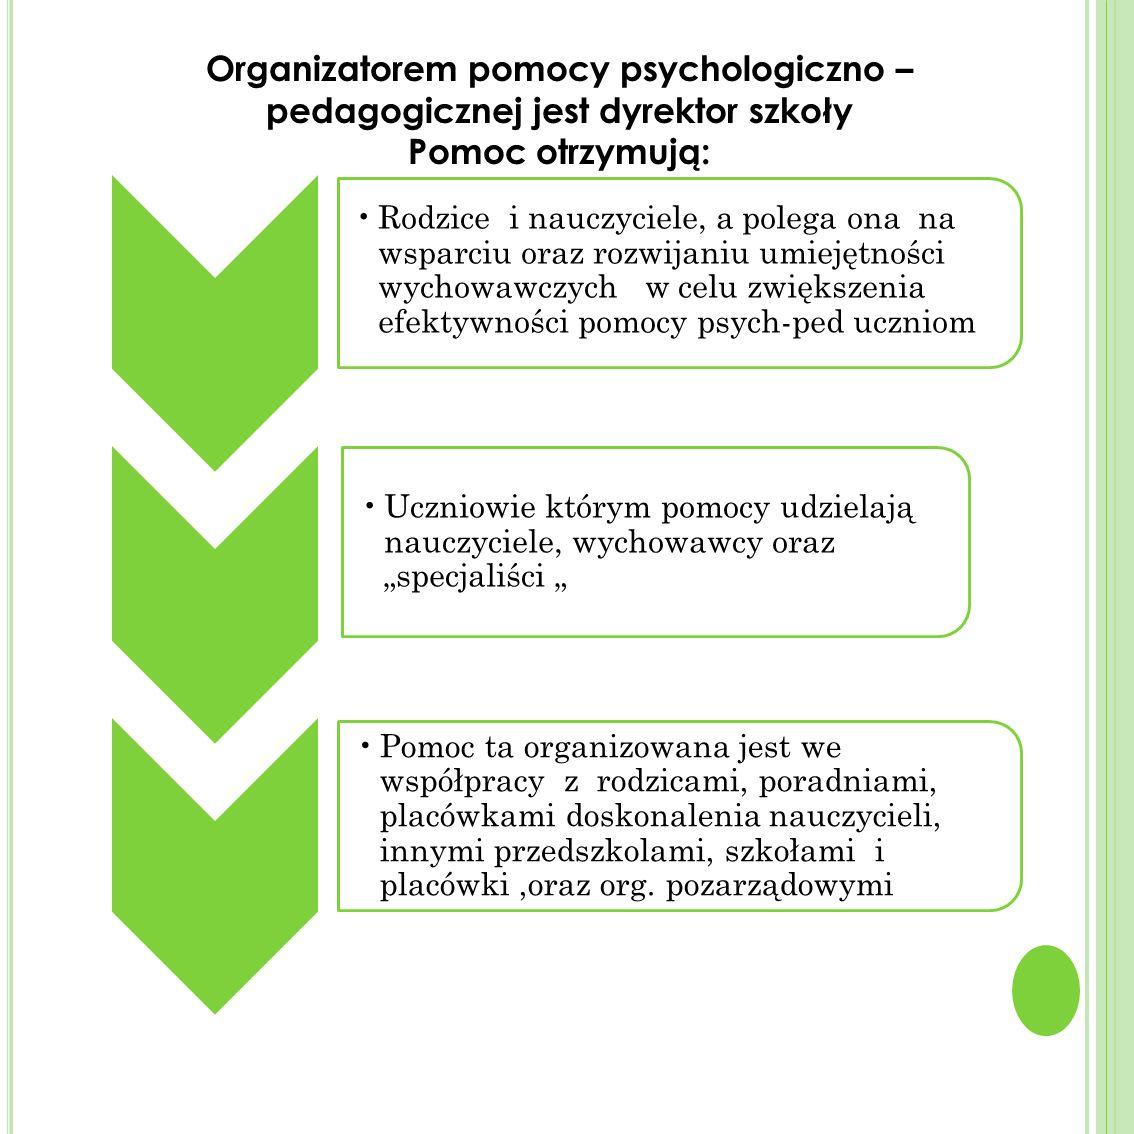 Organizatorem pomocy psychologiczno –pedagogicznej jest dyrektor szkoły